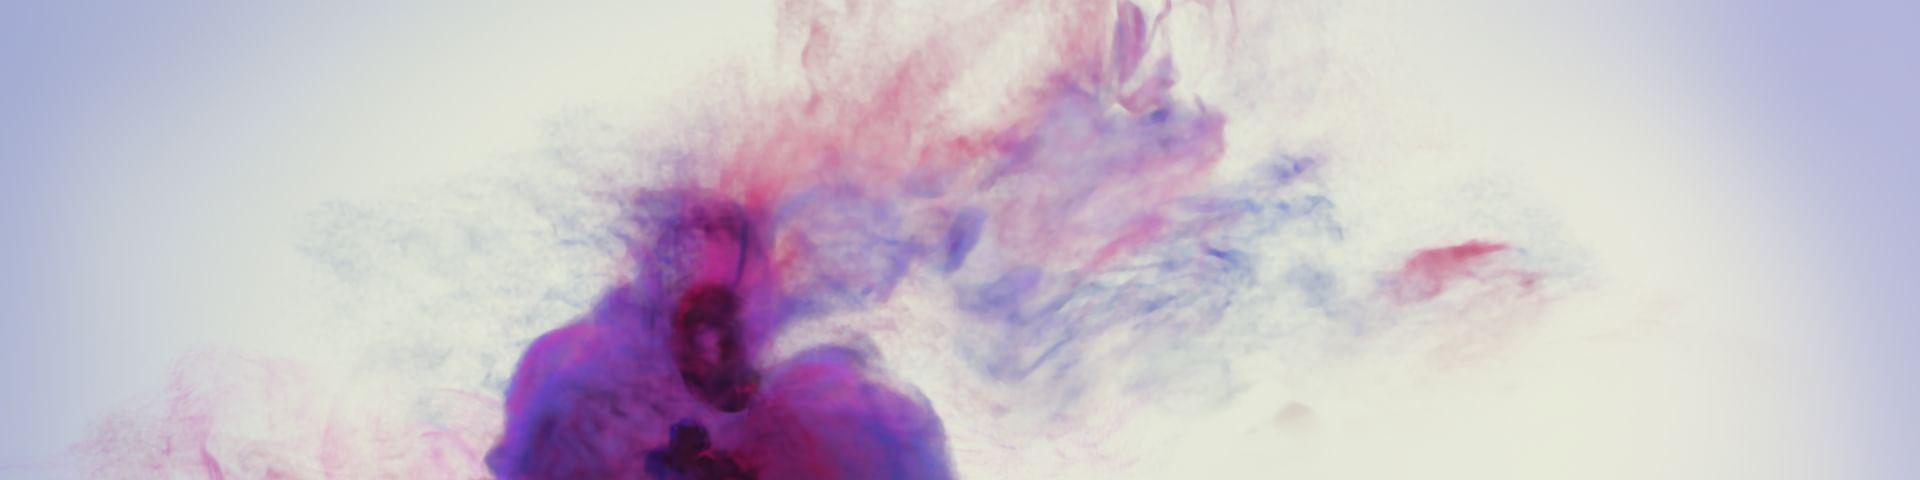 Re: Greckie rodziny rozbite przez kryzys